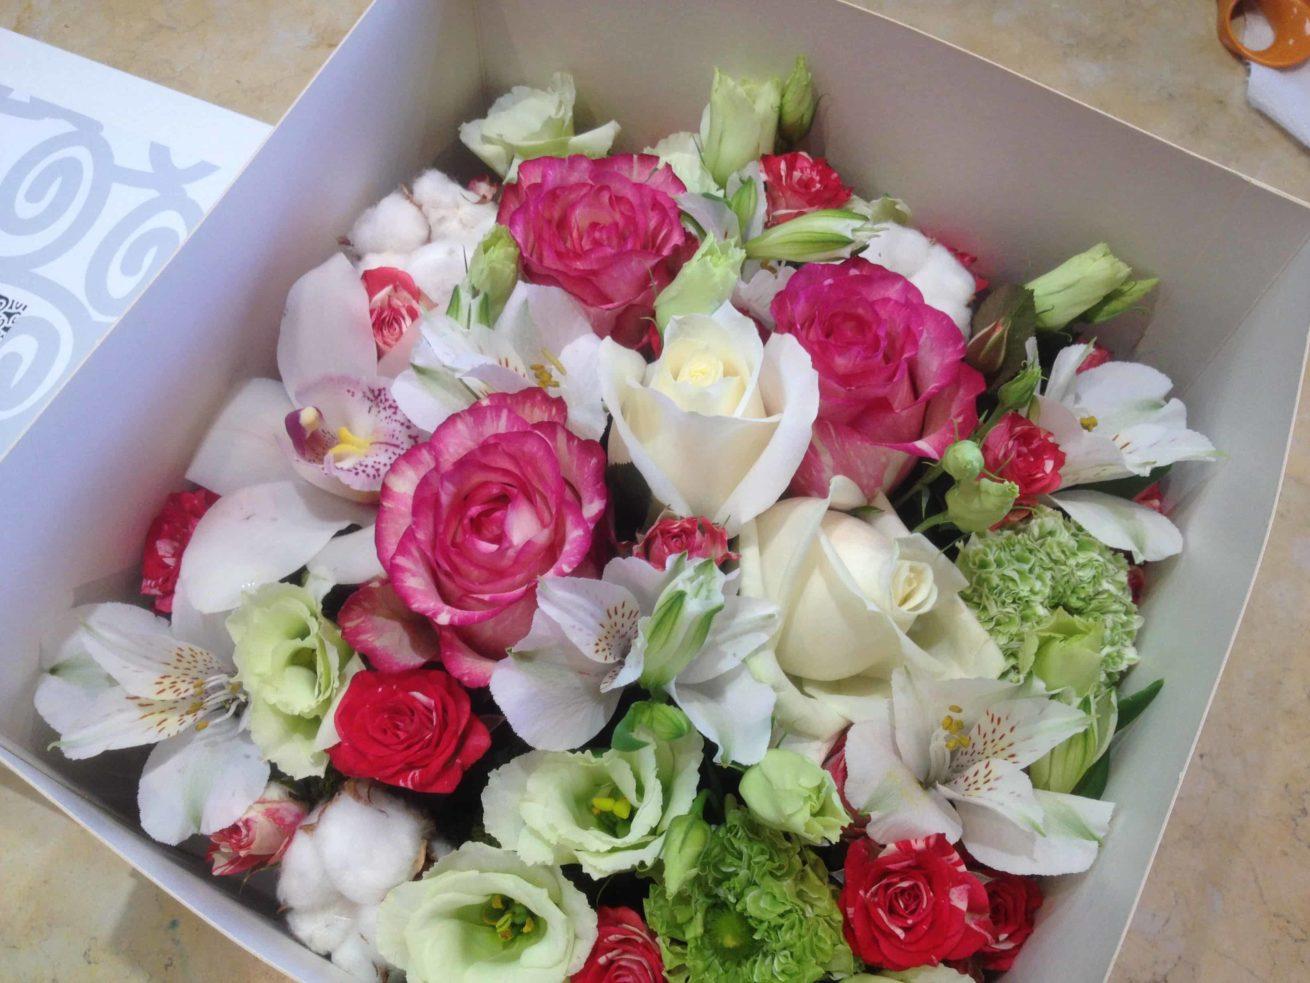 carre-carre-roses-bordeaux